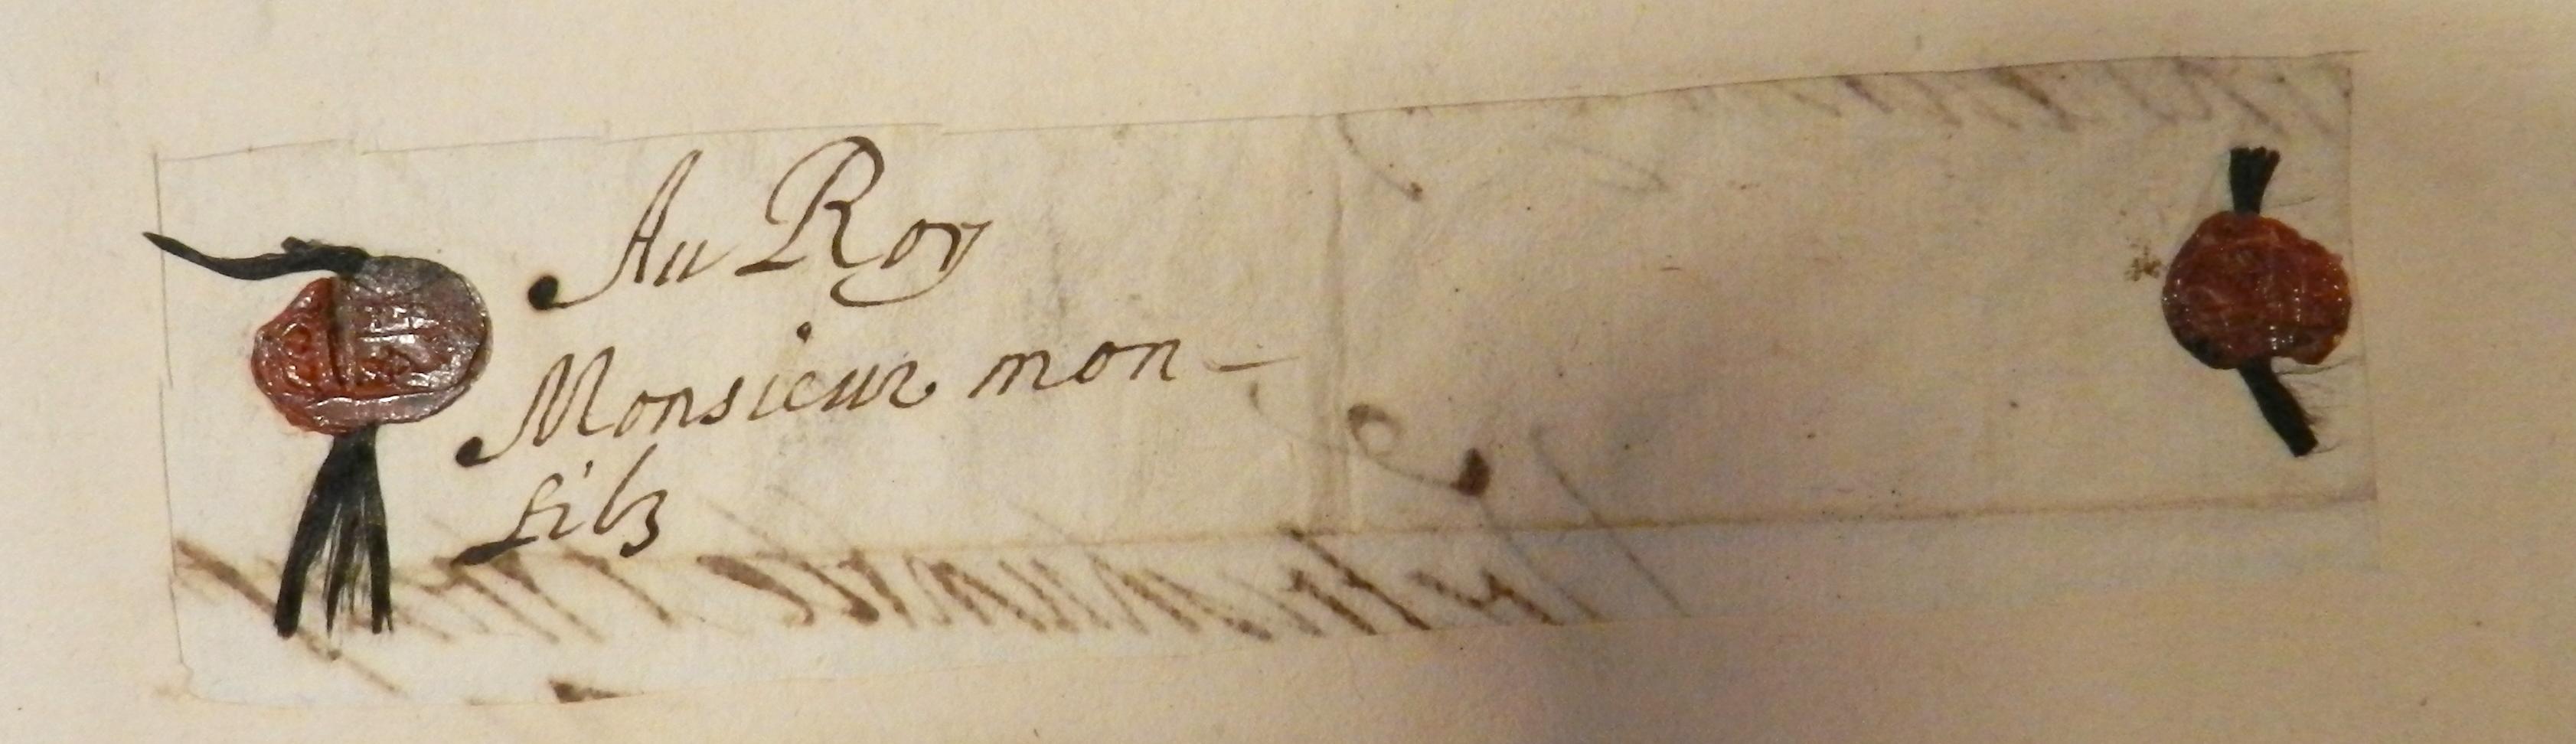 Fol. 3 : lettre de Marie de Médicis à Louis XIII, date inconnue. Cachet ovale en gomme laque coloré, rouge, à ses armes, timbrées d'une couronne fermée, de 15 x 12 mm environ. Autre cachet de la même matrice en fol. 34v. Avec une couronne plus lisible, sur une lettre du 1e septembre 1621 au Plessis-les-Tours, à Louis XIII. Voir aussi fol 56. Lettre au duc de Bellegarde du 27 octobre 1627.